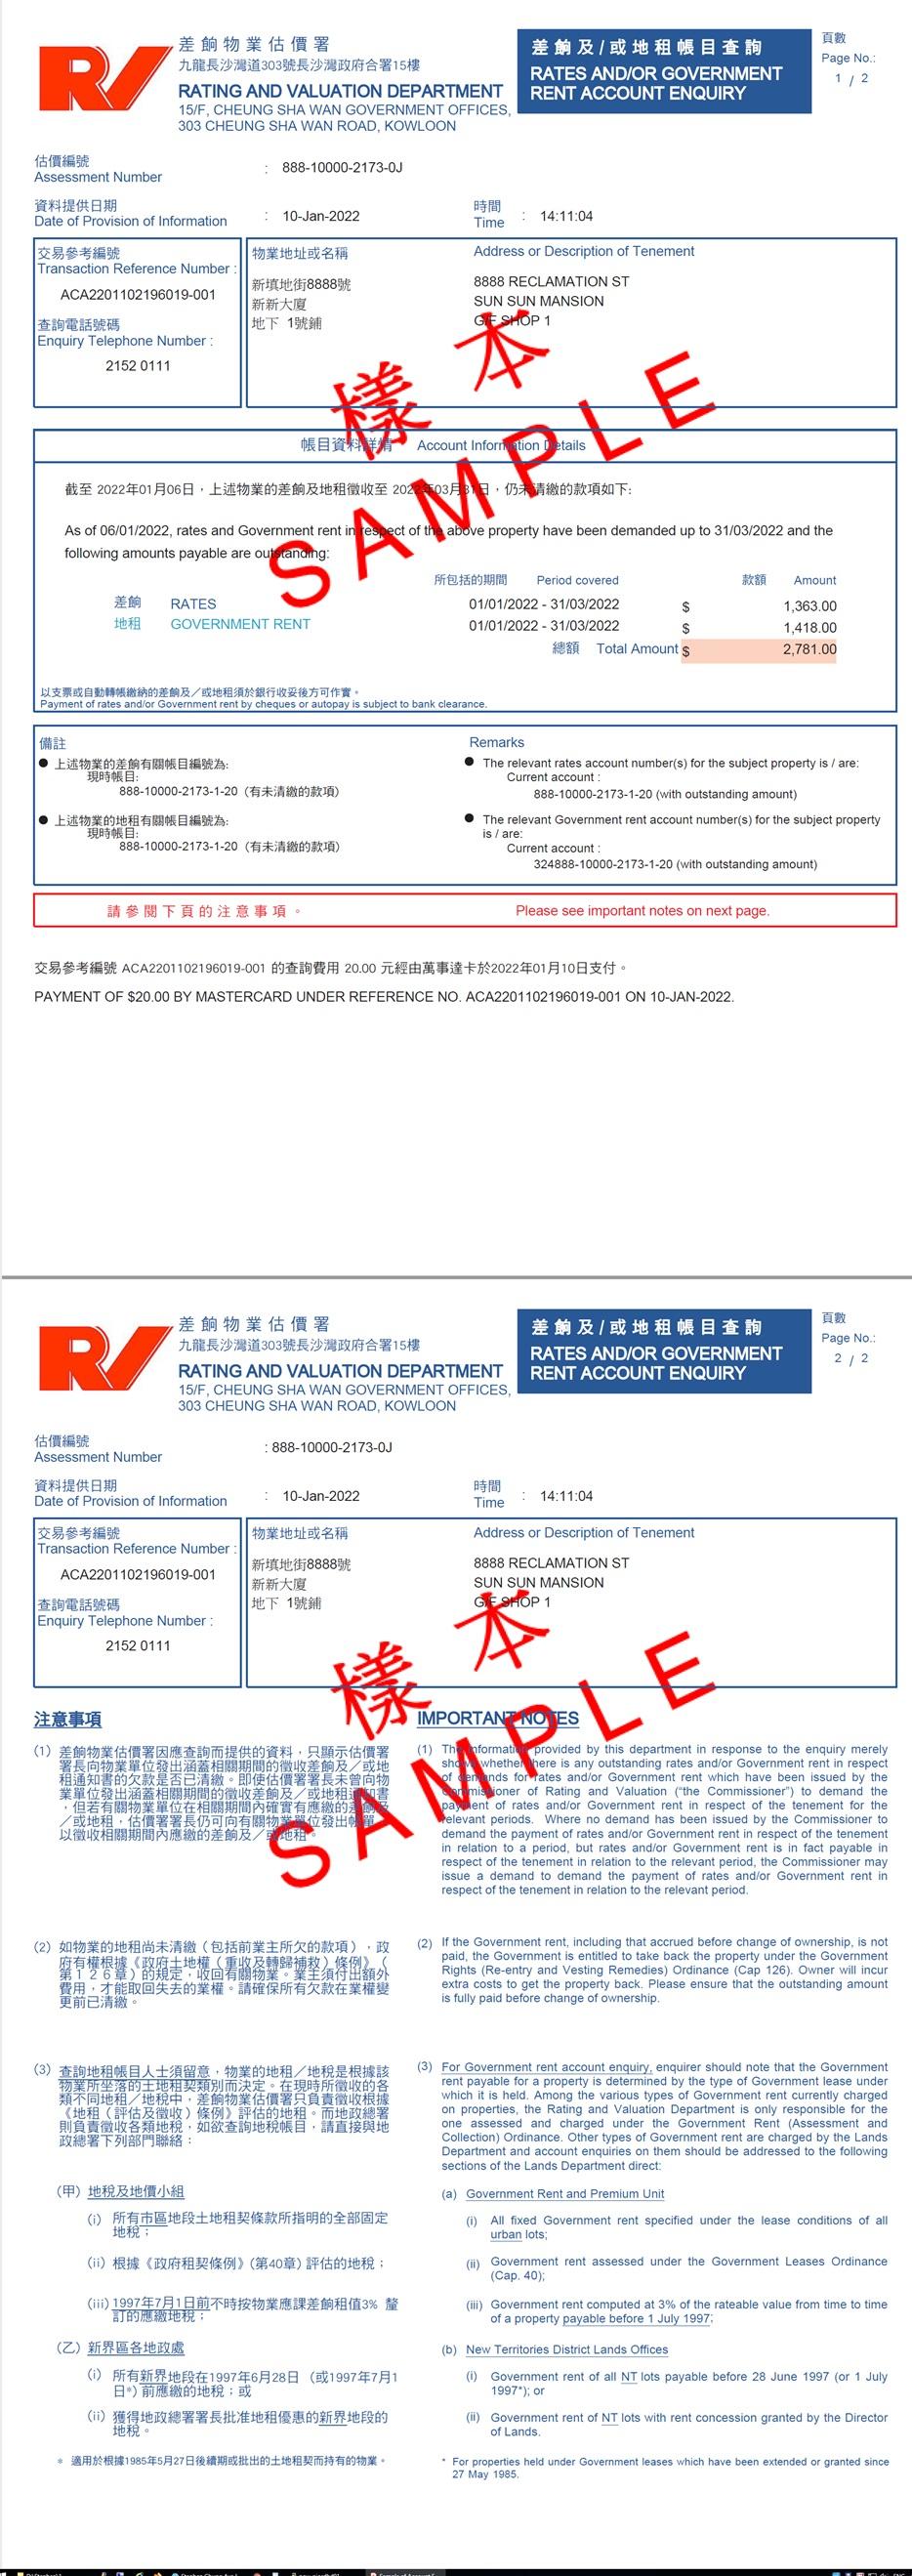 GovHK 香港政府一站通:網上查詢差餉及地租帳目